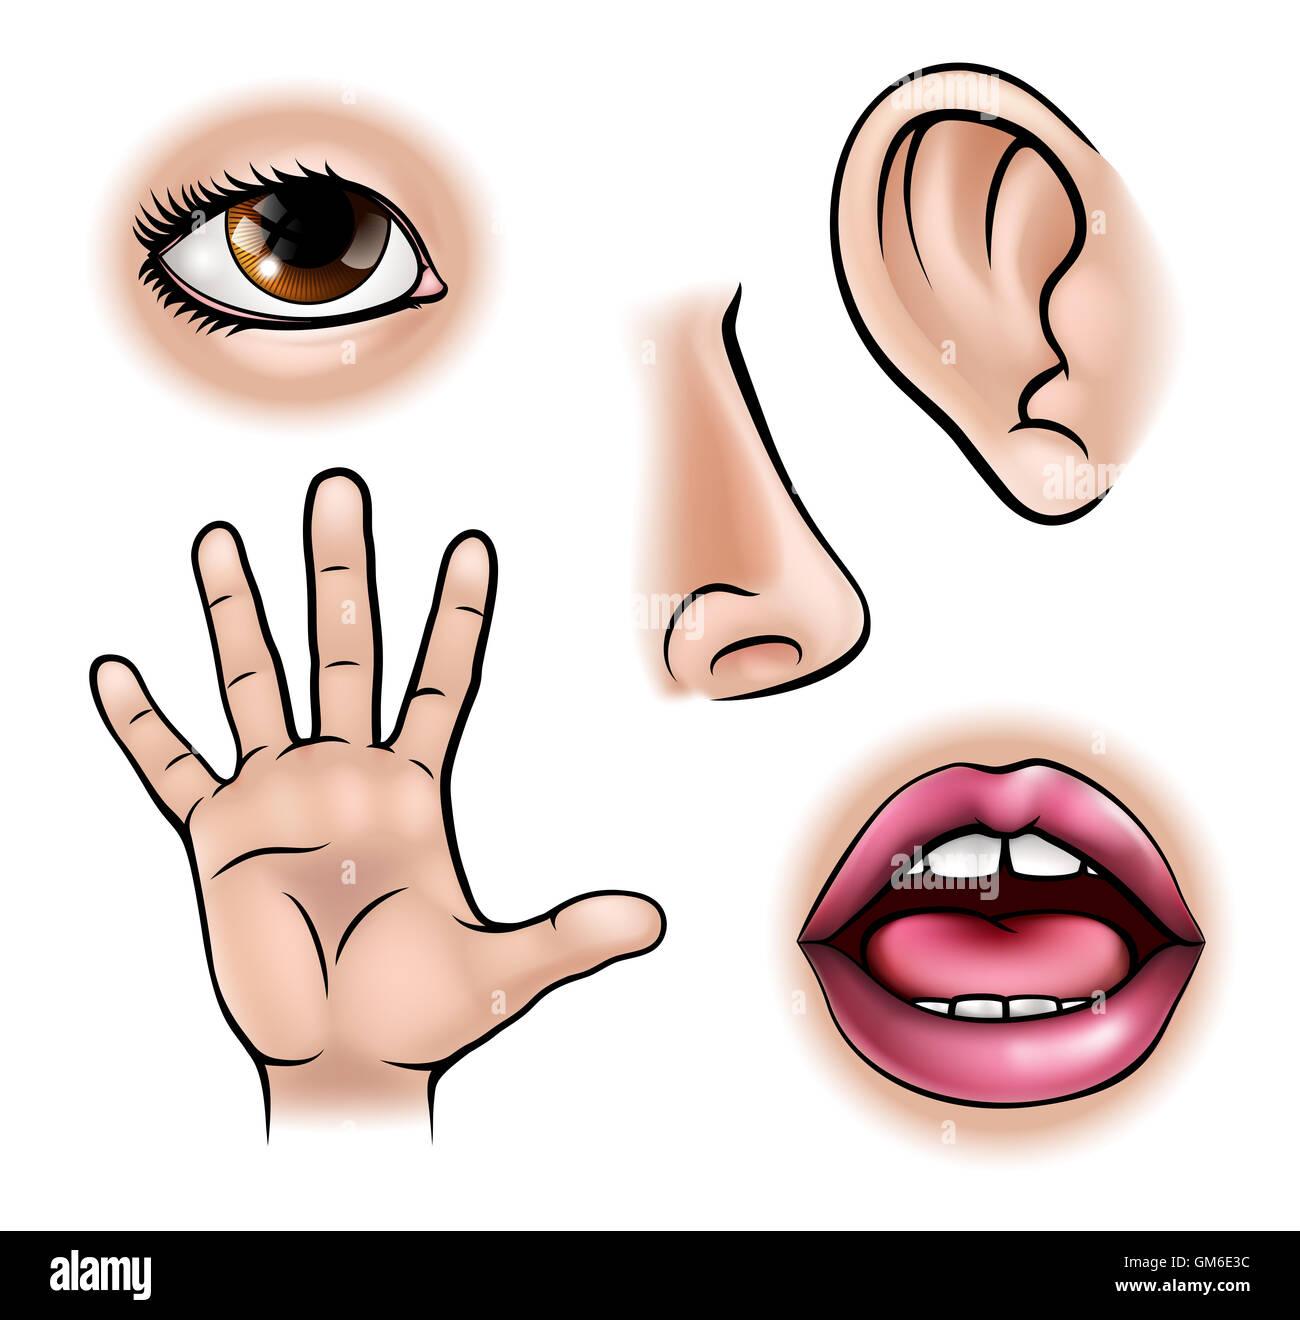 Eine Wissenschaft Bildung Darstellung der Symbole für die fünf Sinne Stockfoto